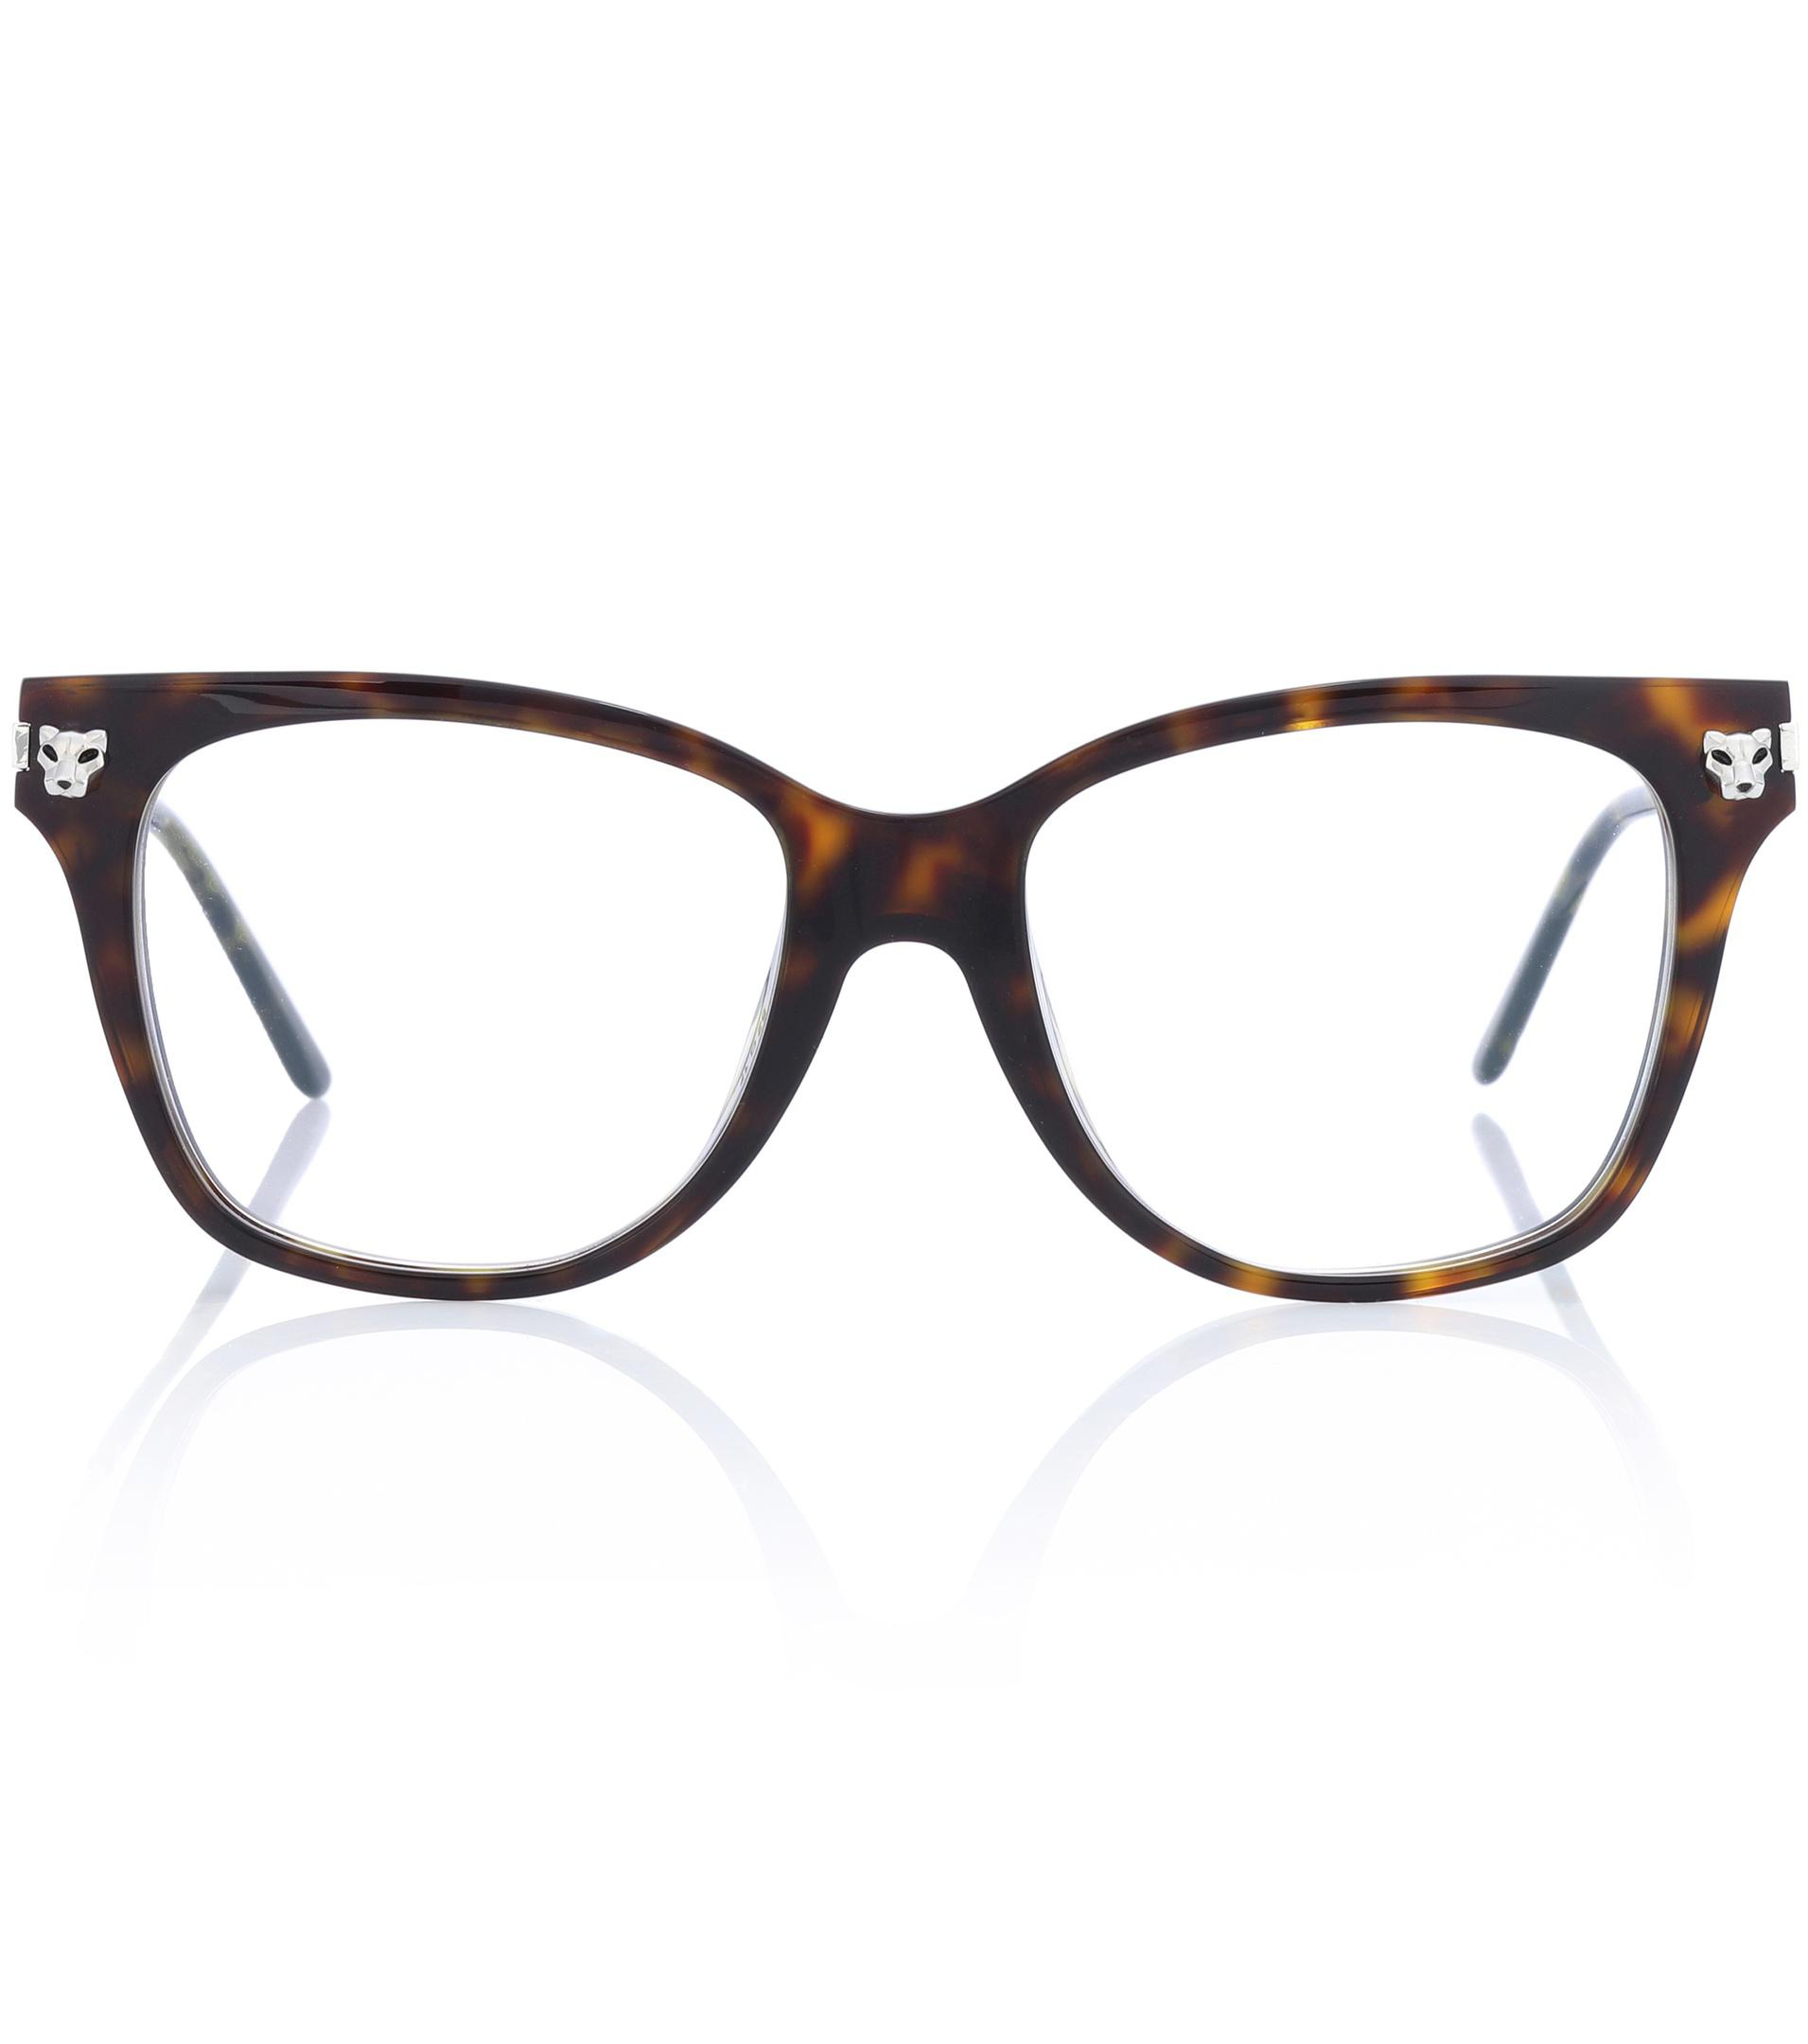 42dfc5f73b Cartier Panthère De Cartier Glasses in Brown - Lyst